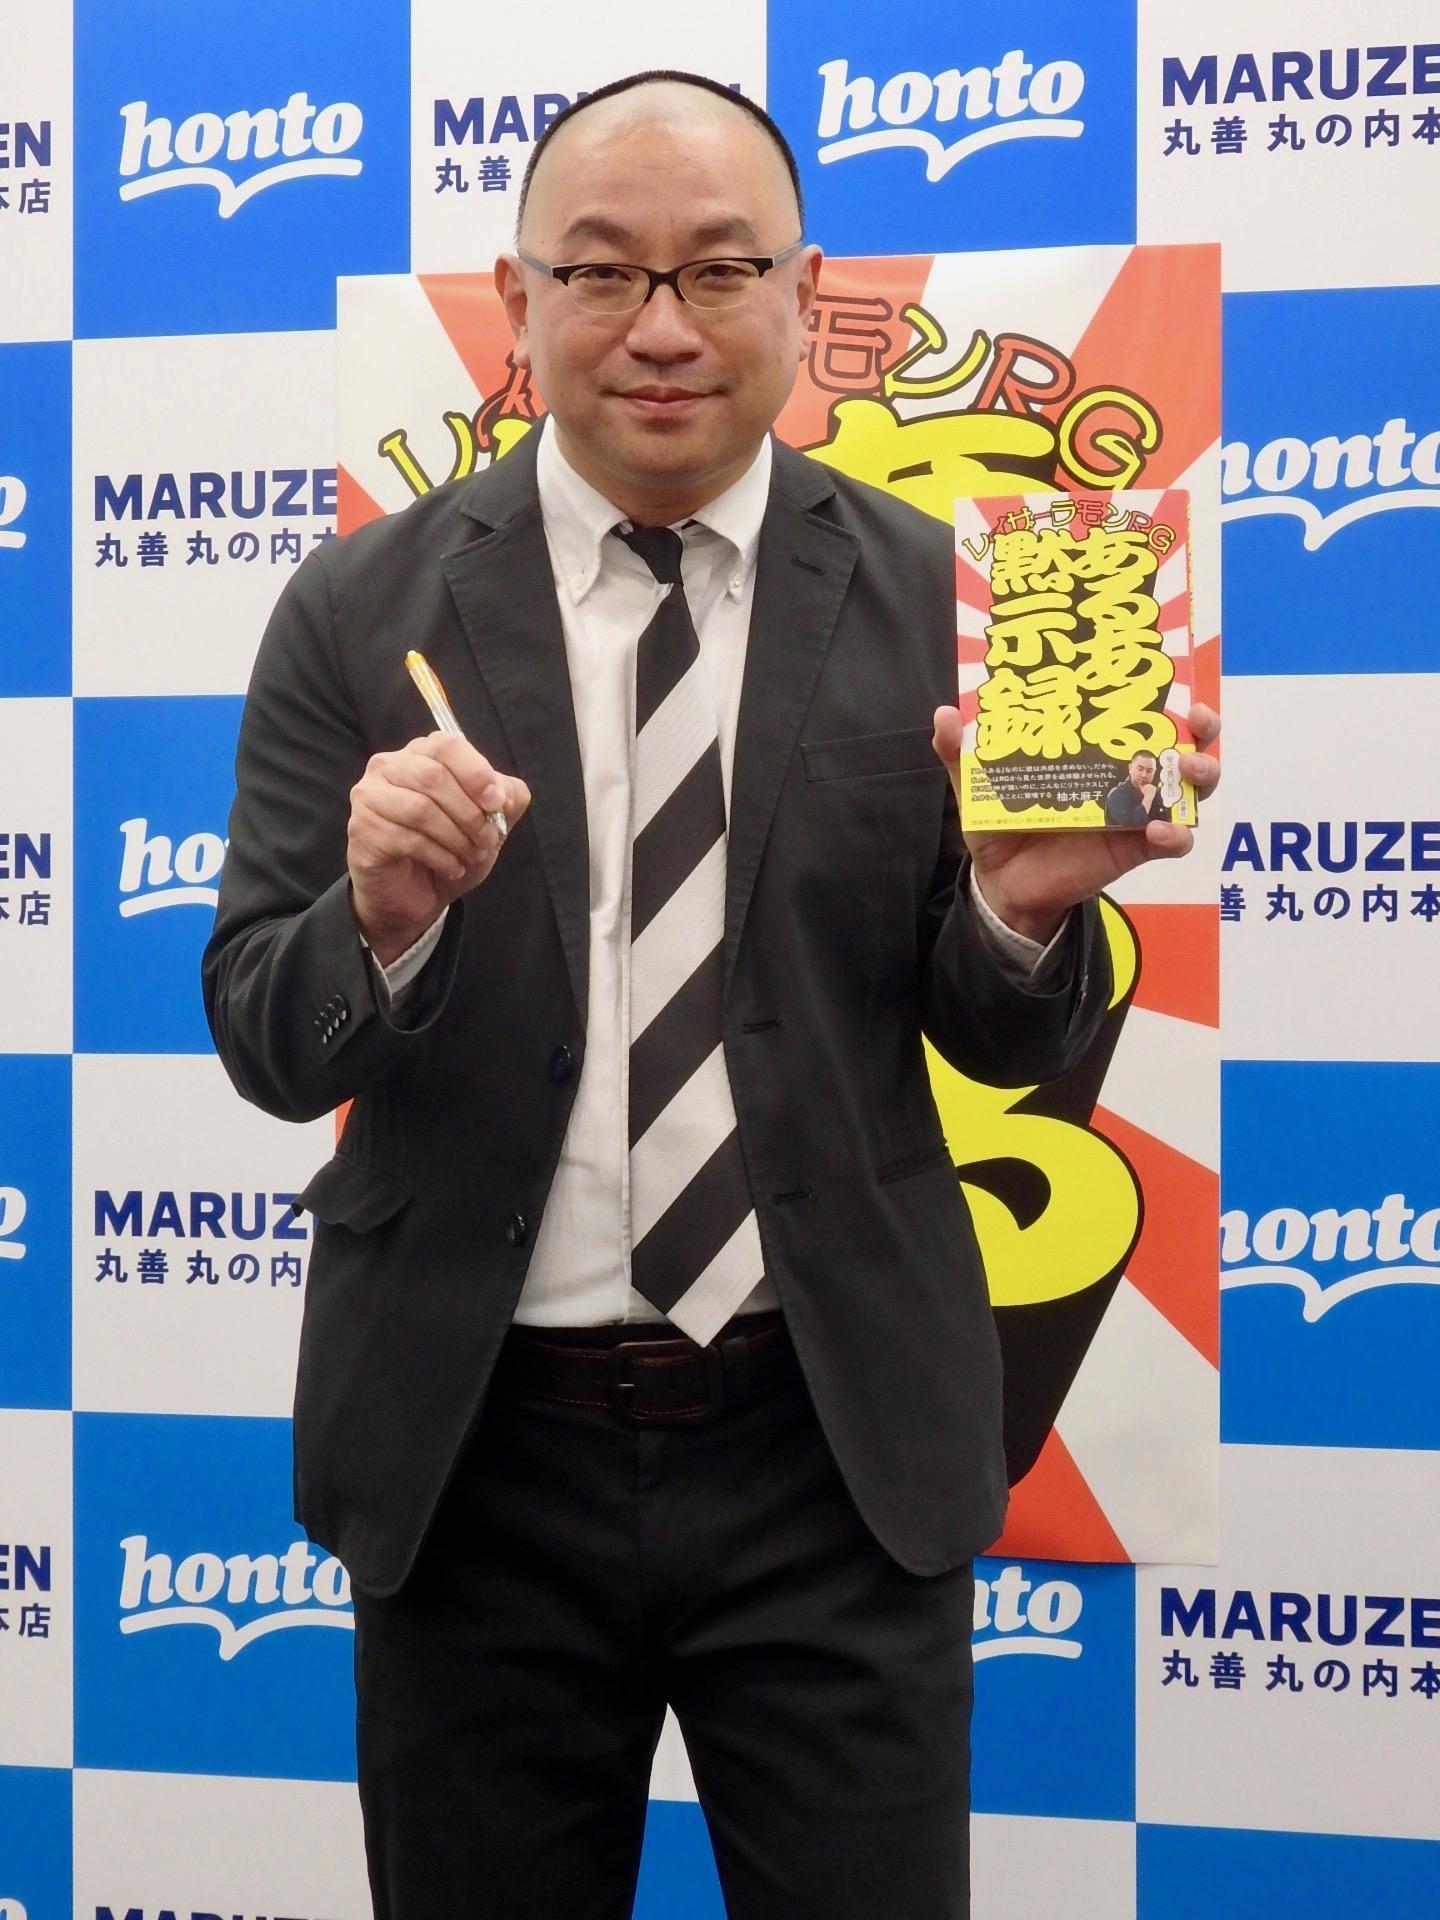 http://news.yoshimoto.co.jp/20180926231629-78cacf187fbac4522533cd51c71f9d84f22afc38.jpg